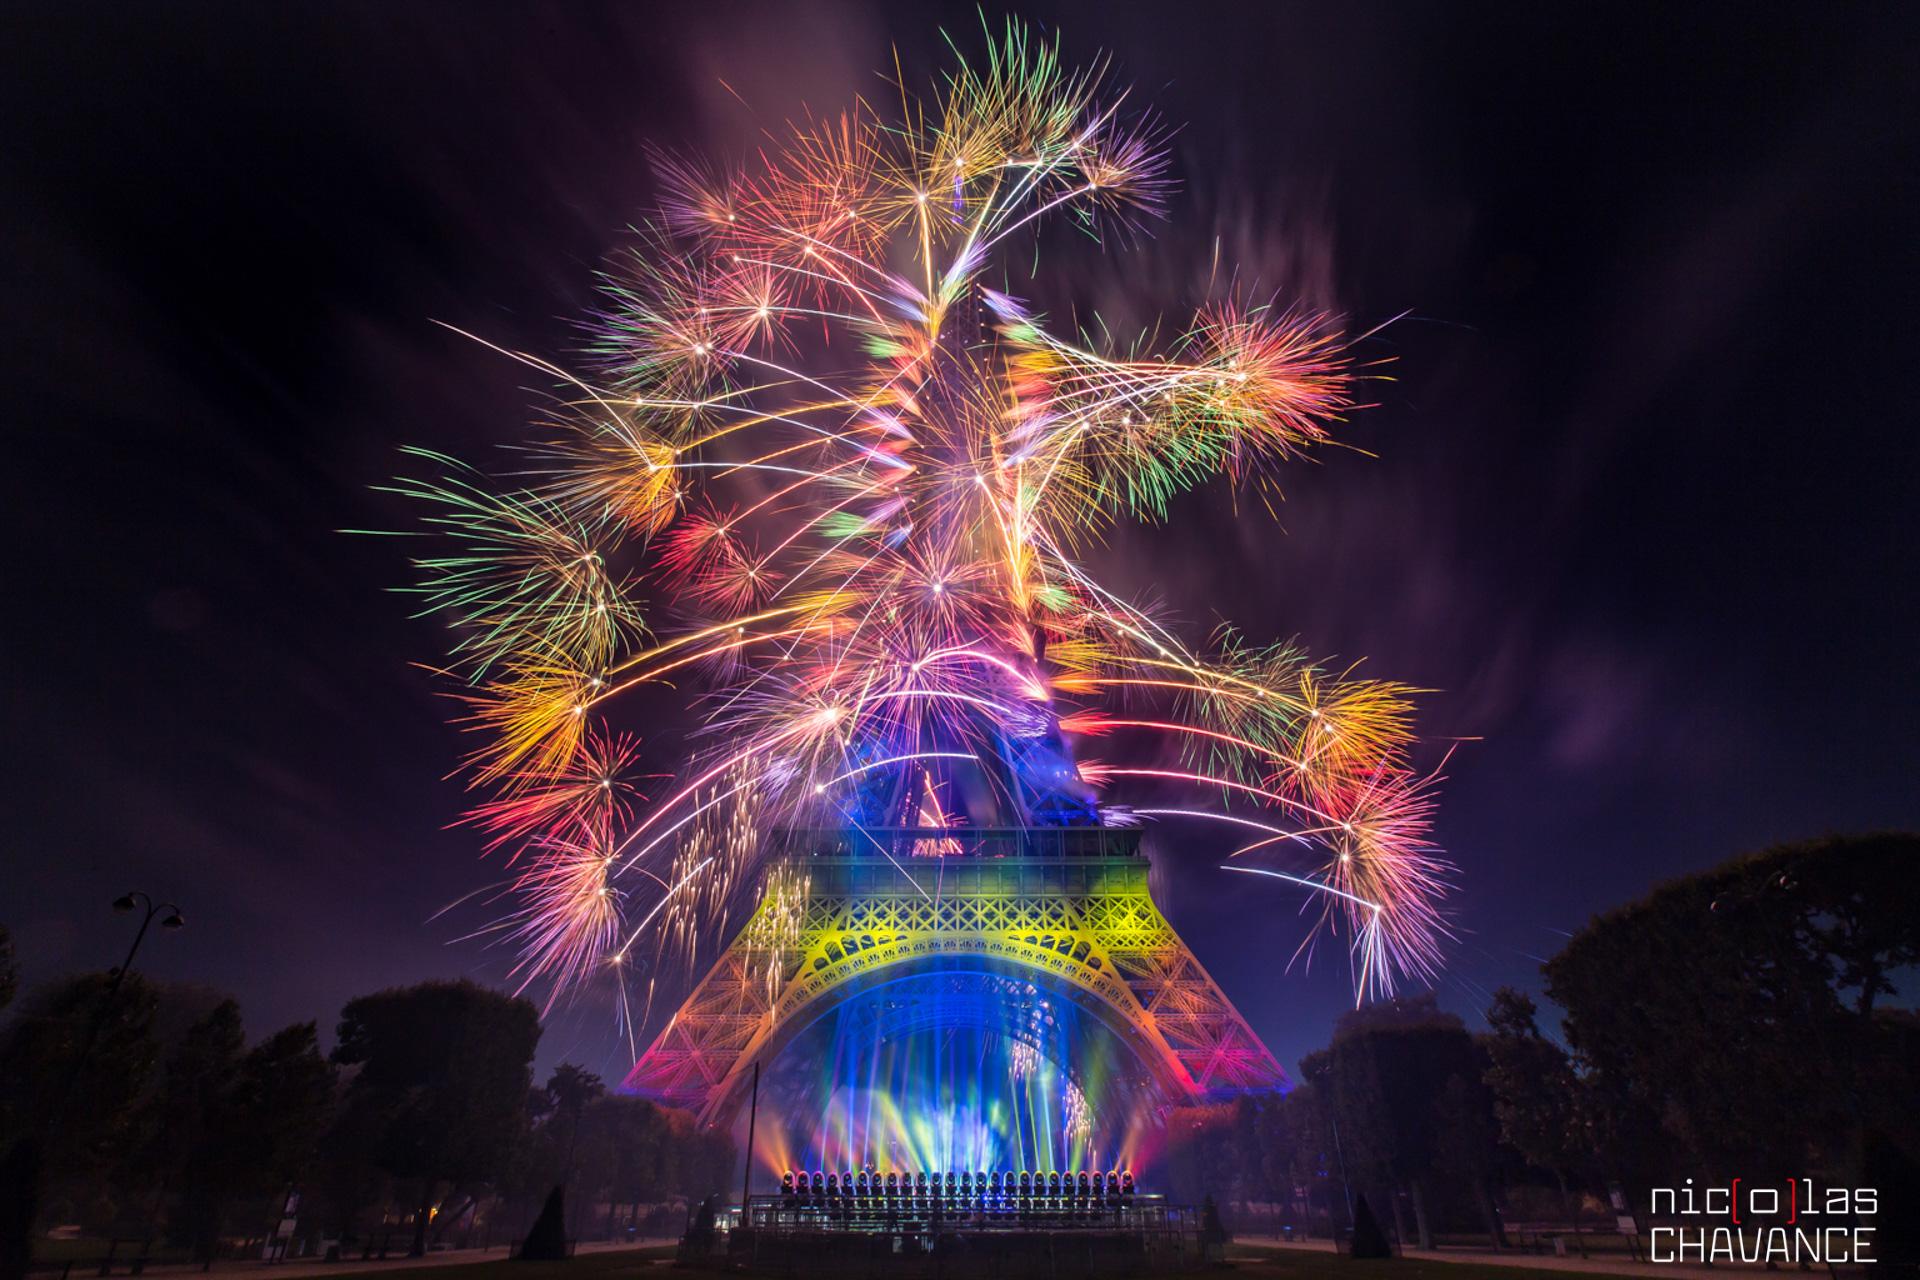 ... Eiffel Tower; Share Facebook Twitter Google+ Pinterest